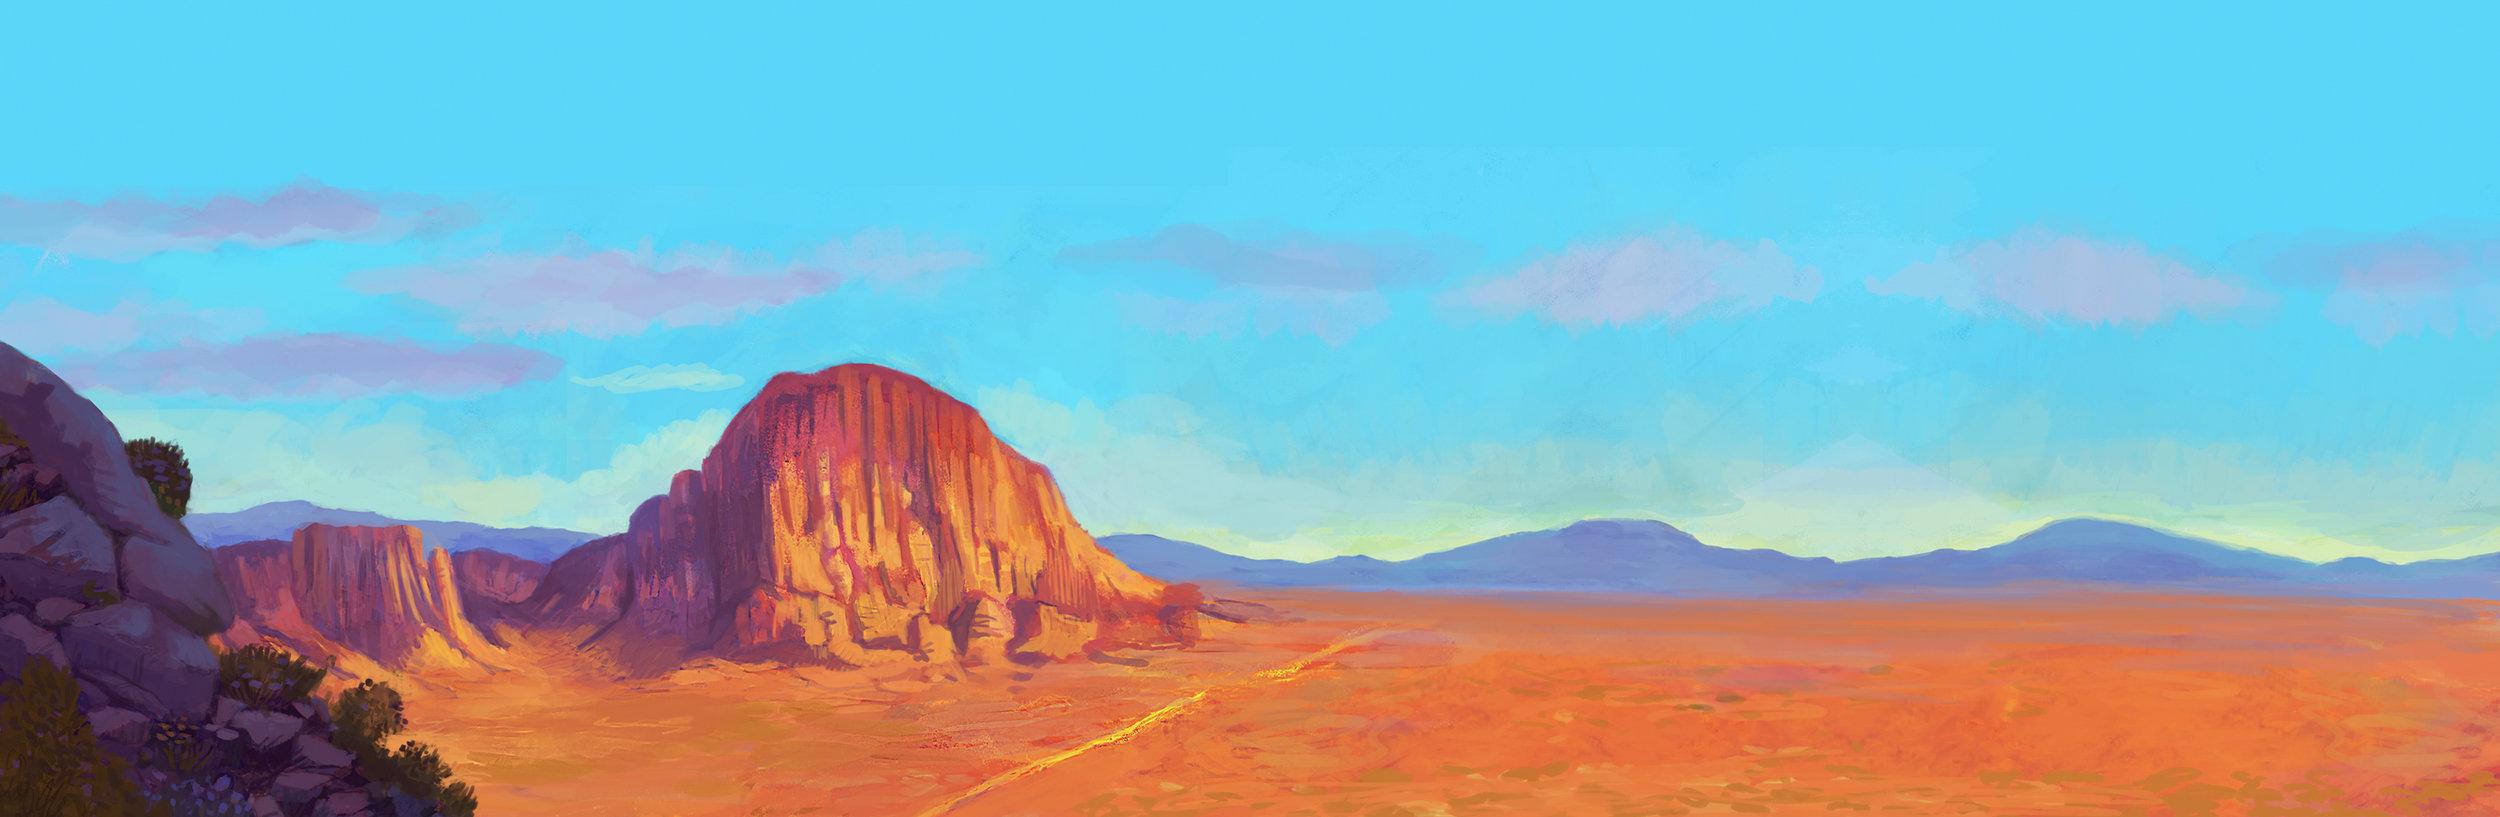 CanyonlandPan.jpg